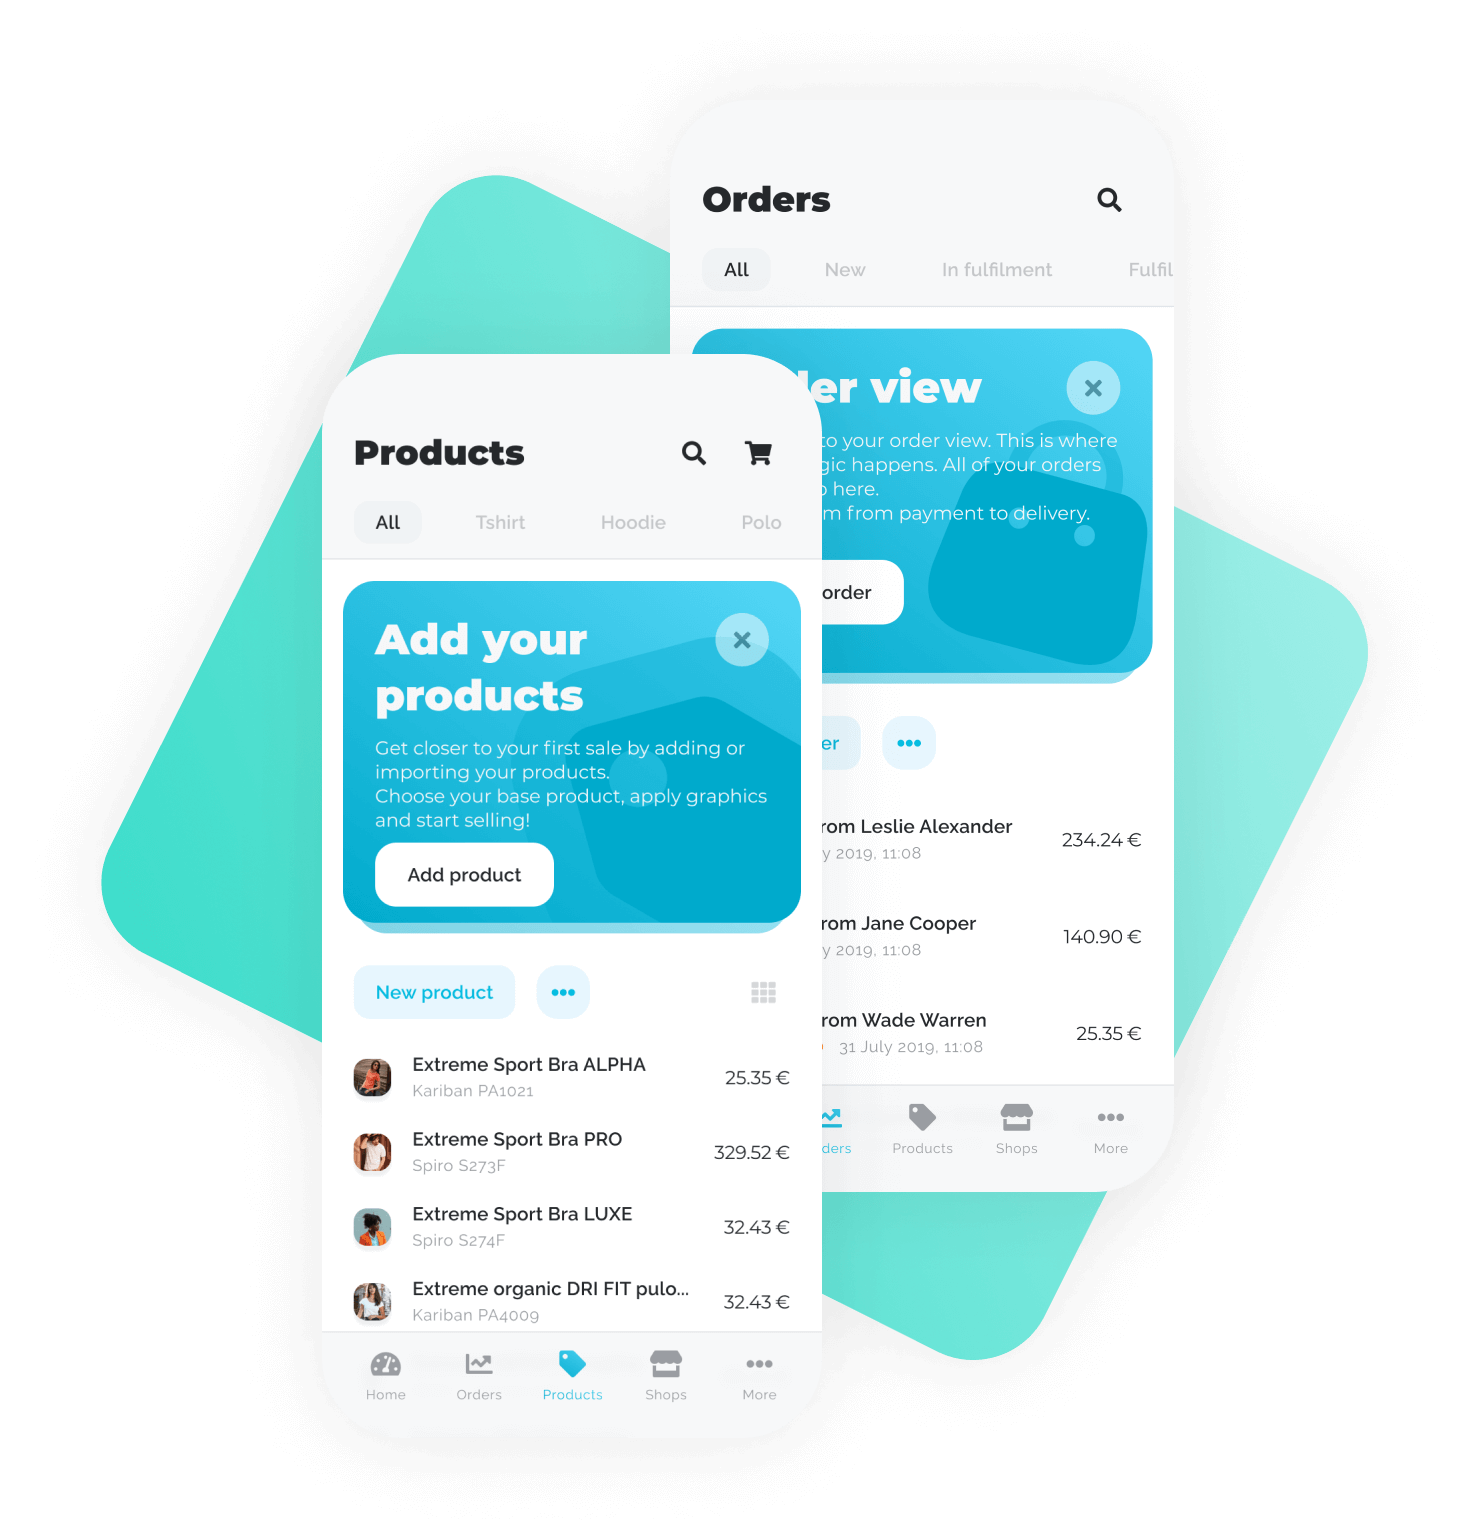 Vibeit platforma deluje na mobilnih napravah, kjer lahko influencerji spremljajo svojo prodajo in urejajo izdelke. slika